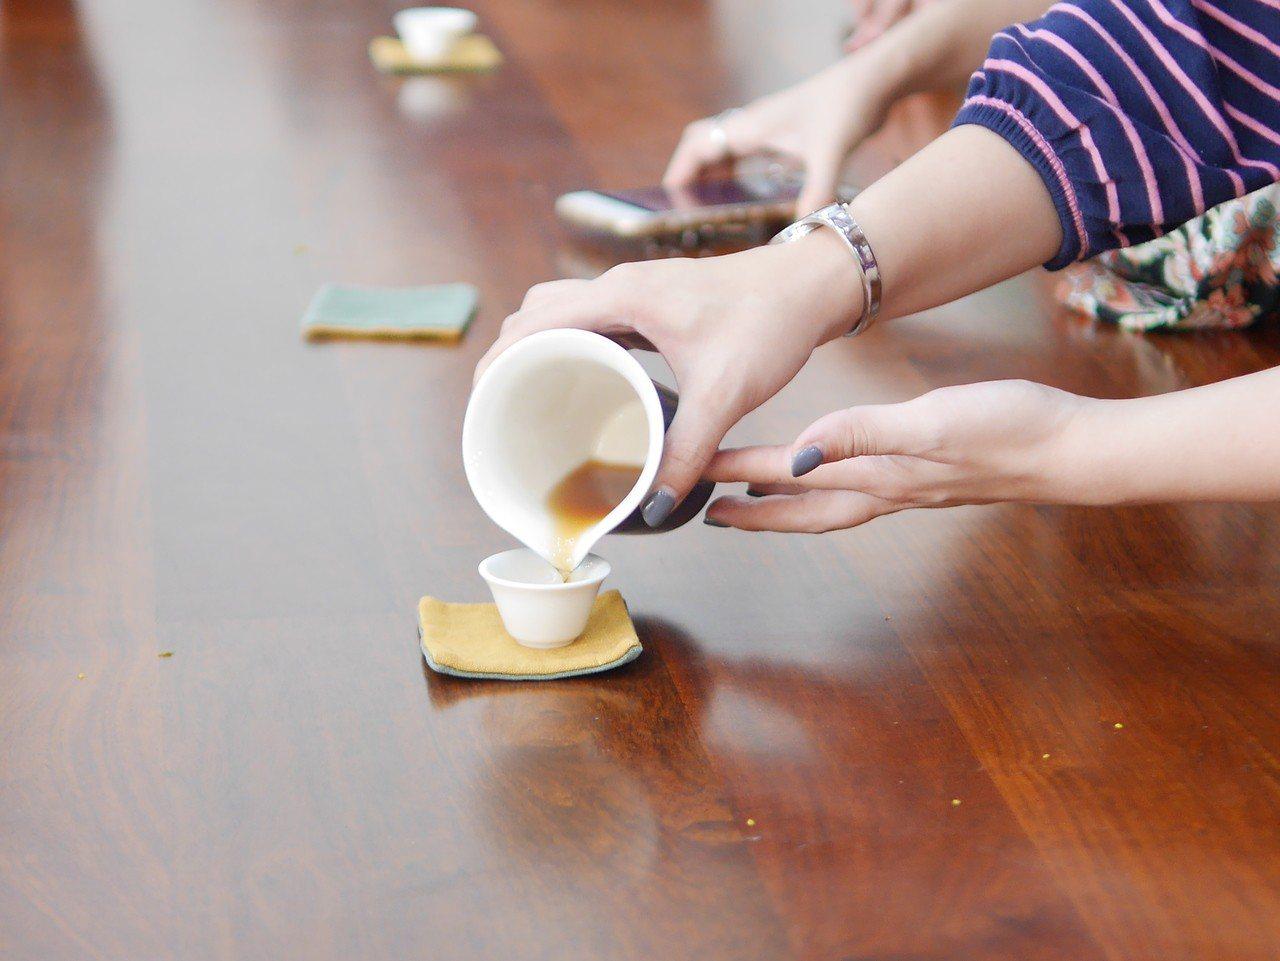 有毒物專家曾指茶類含有草酸,長期大量飲用可能易生腎結石,不過有營養師就反駁指市面...